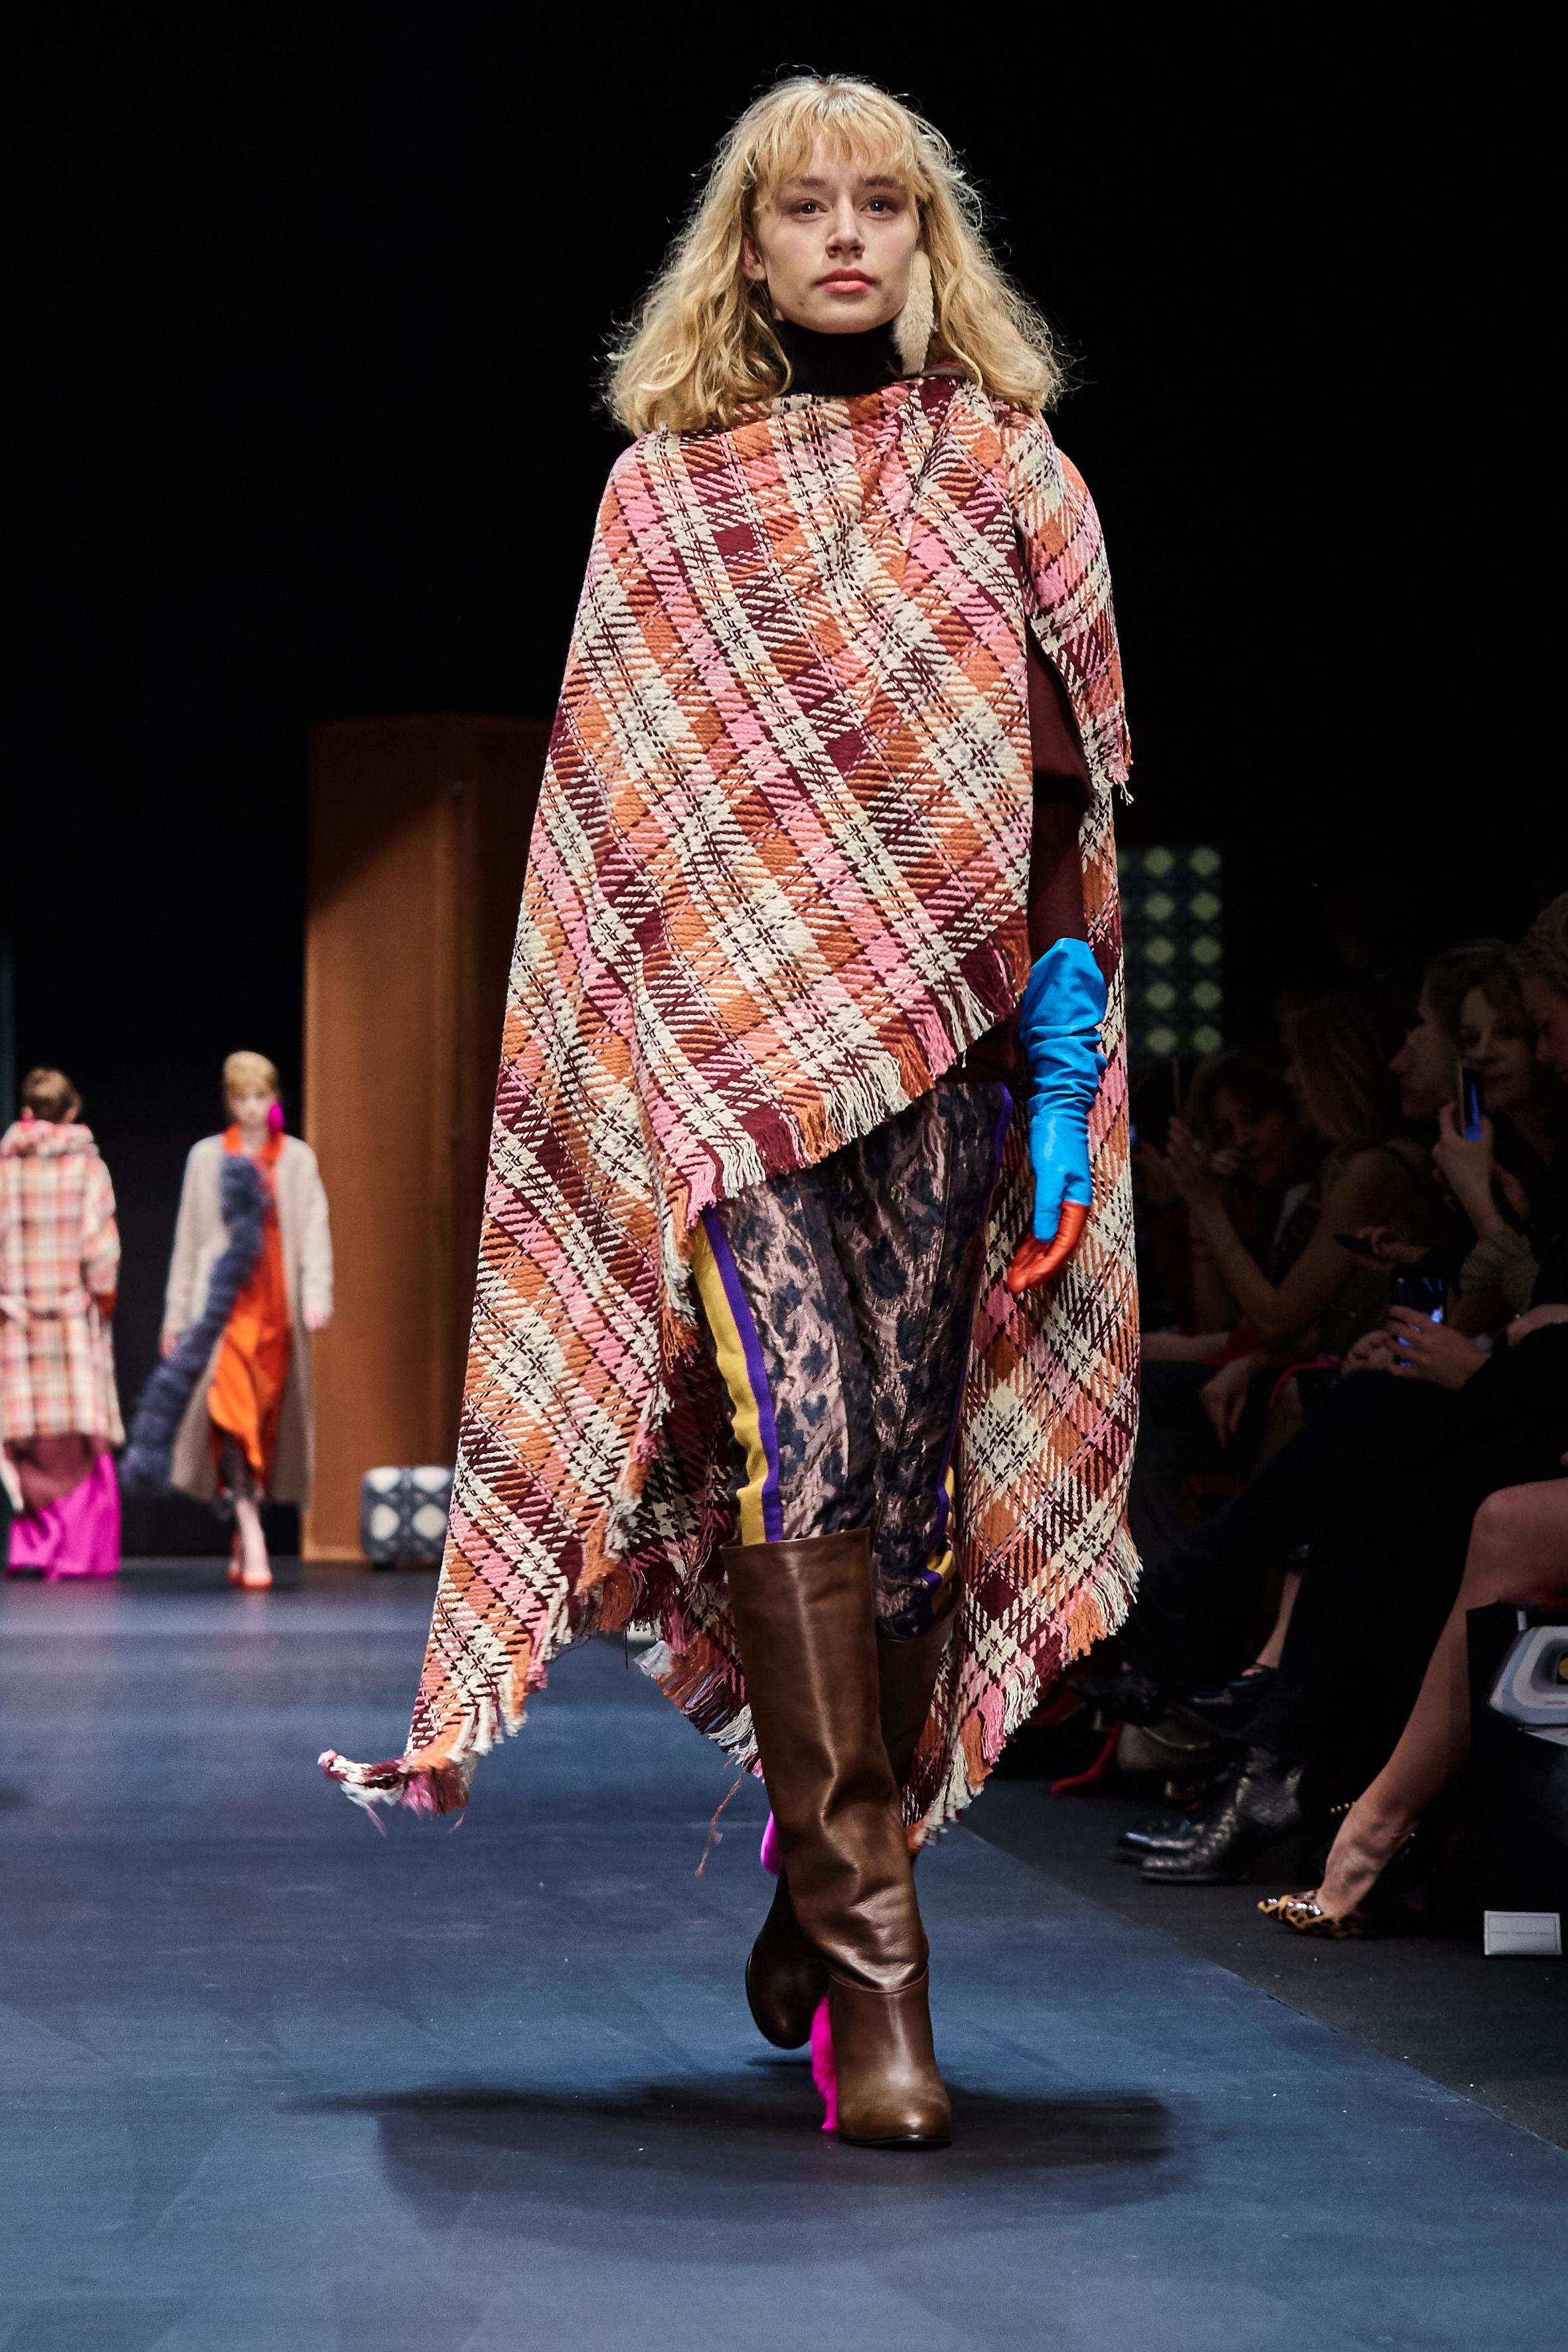 Looks_DawidTomaszewski_FashionWeekAW2018-19_HeidiRondak 24.jpg